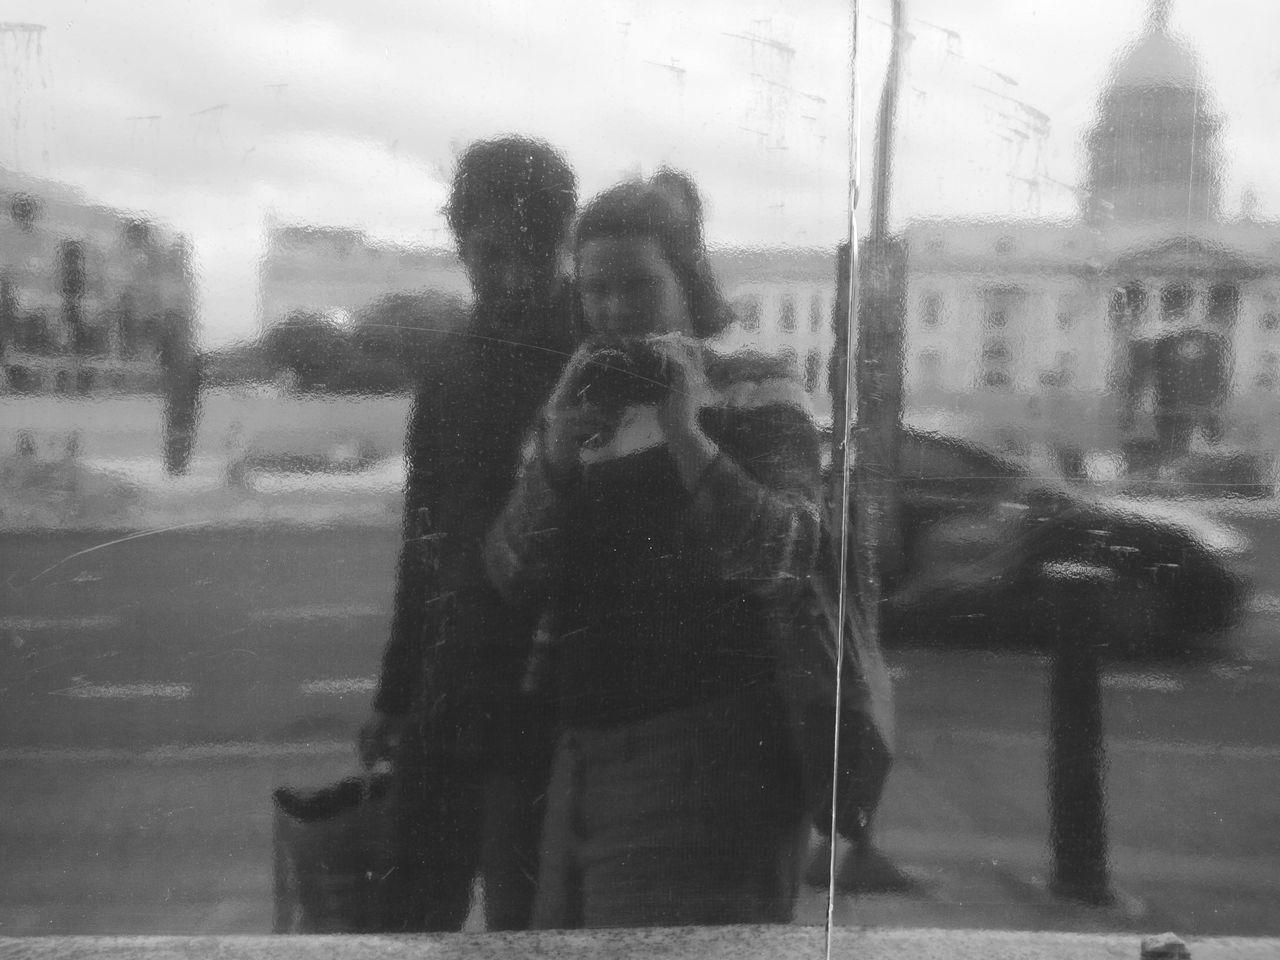 Blurry. Blackandwhite Blurred Motion Blurry City Life Couple Portrait Schwarzweiß Verschwommen